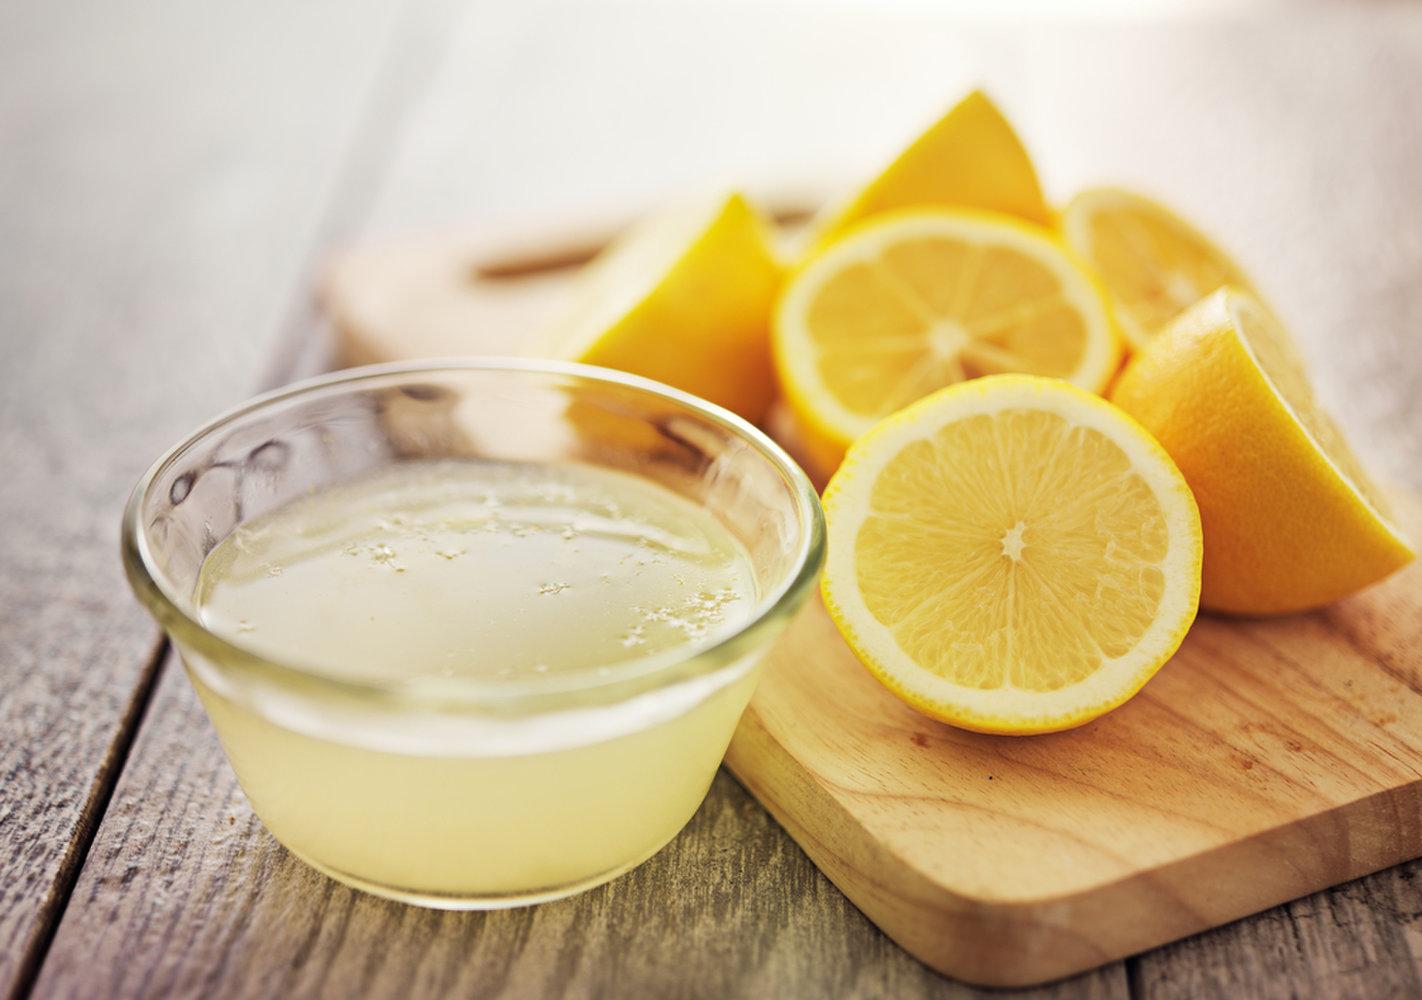 Manfaat-Lemon-Untuk-Rambut,-Kulit,-Diet-dan-Maag